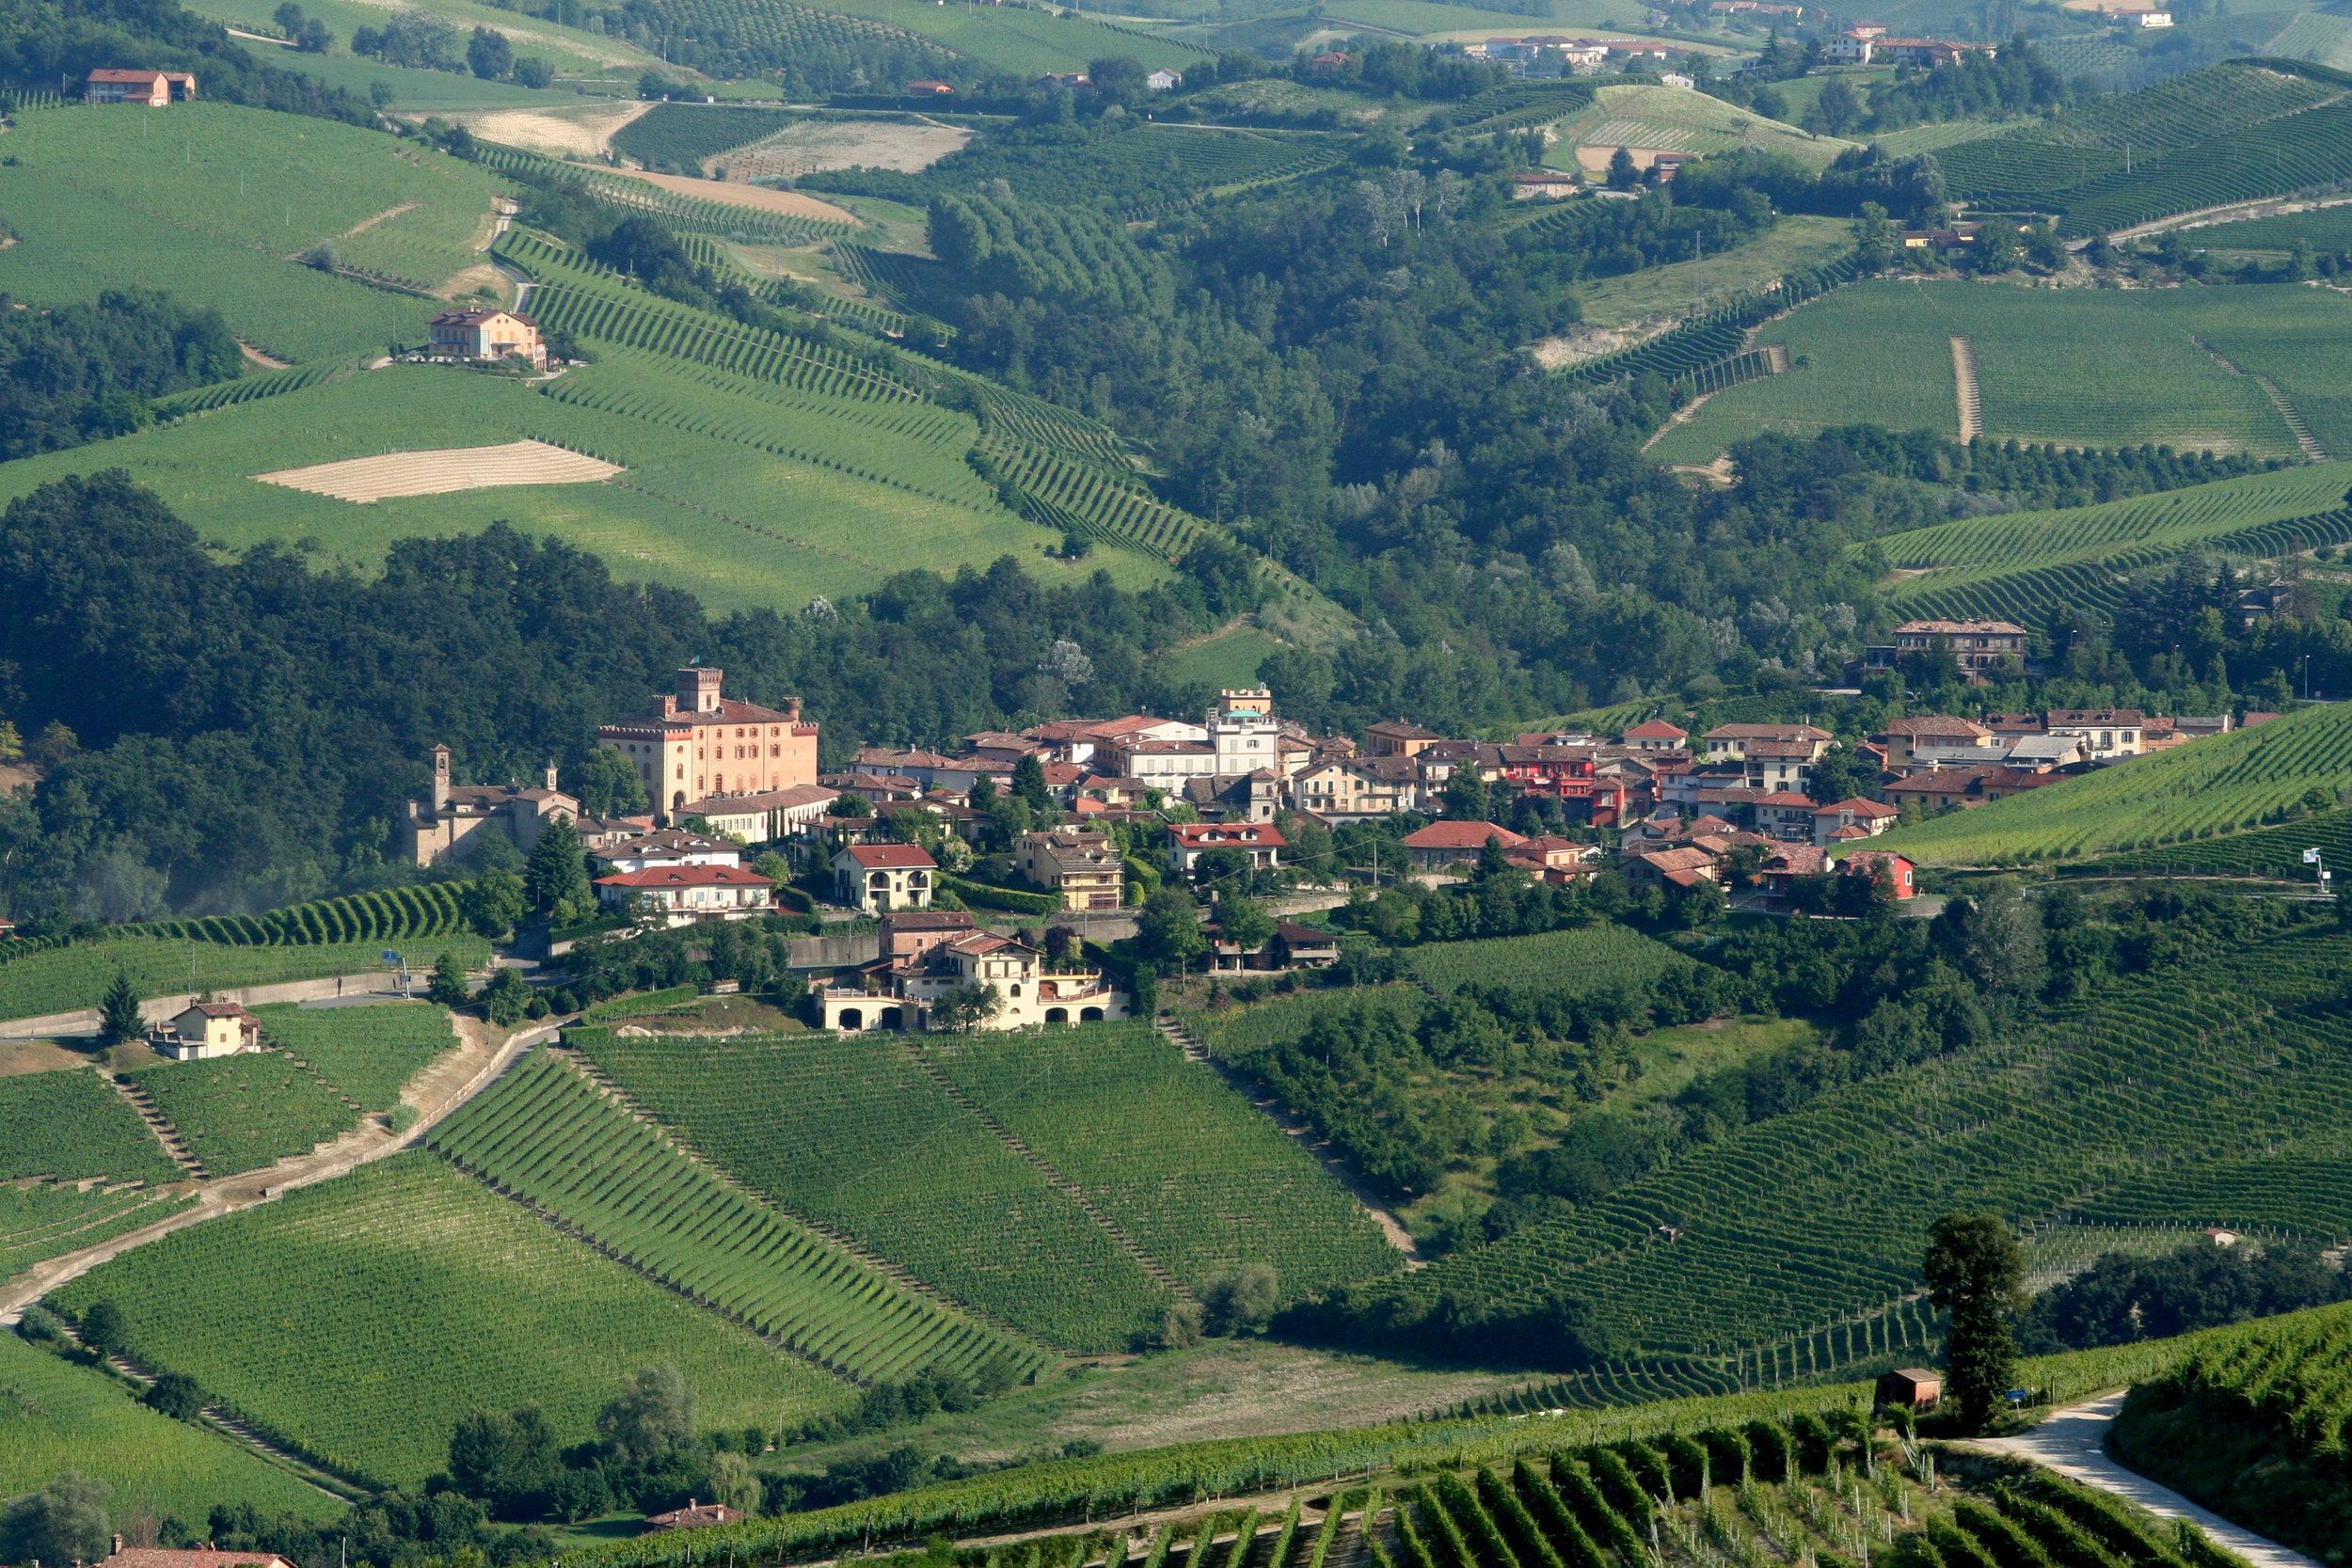 Barolo_-_view_from_La_Morra_in_Piemonte,_Italy.jpg